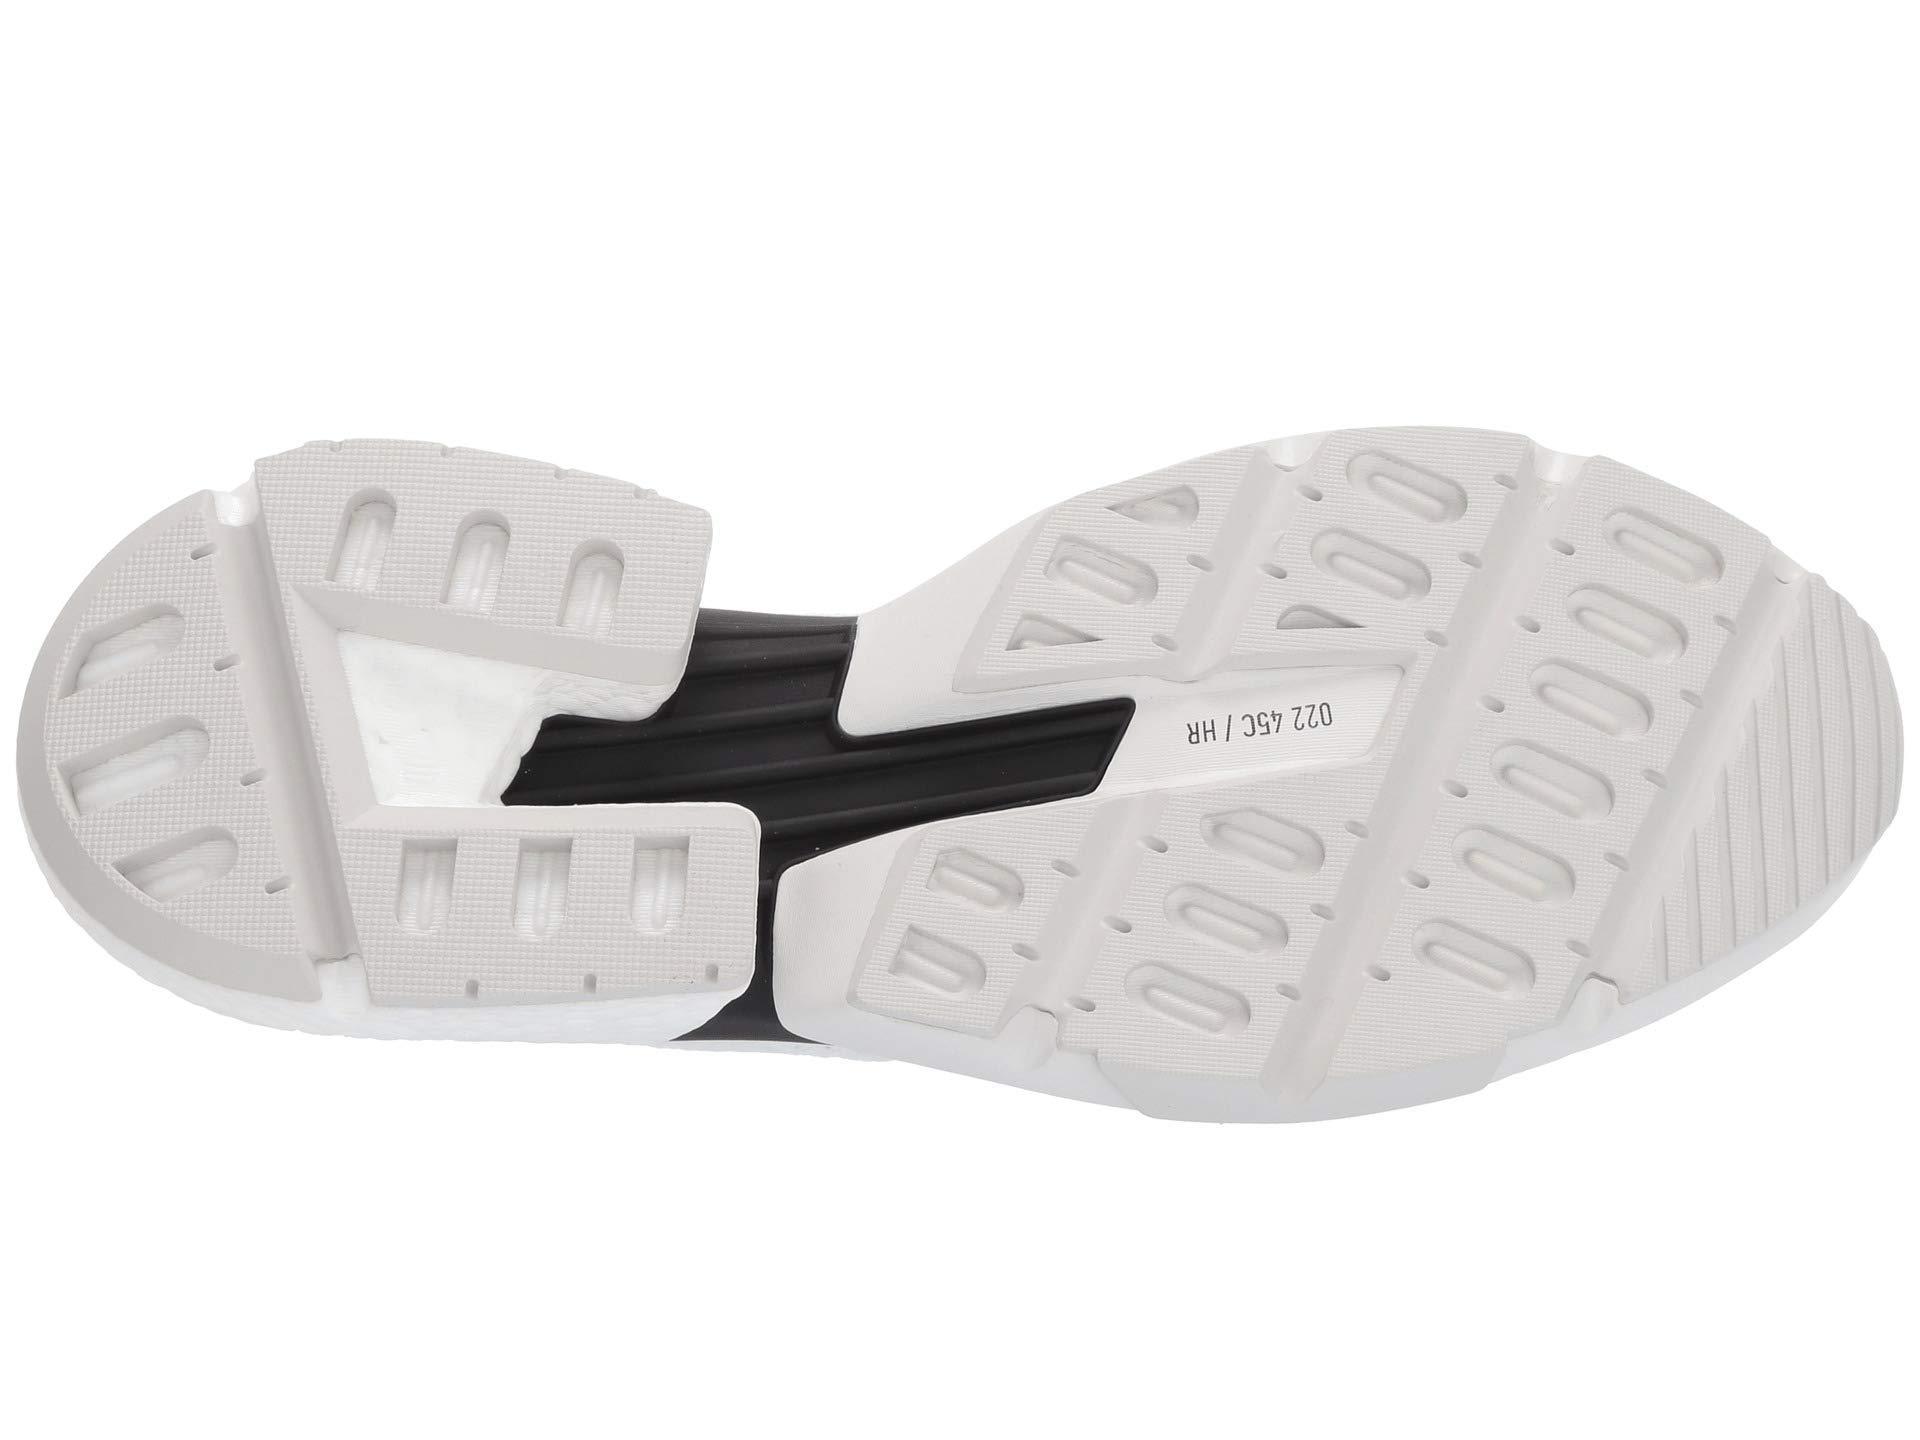 Adidas Originals Pod s3.1 Pk (footwear Whitefootwear Whiteshock Red) Men's Shoes for men